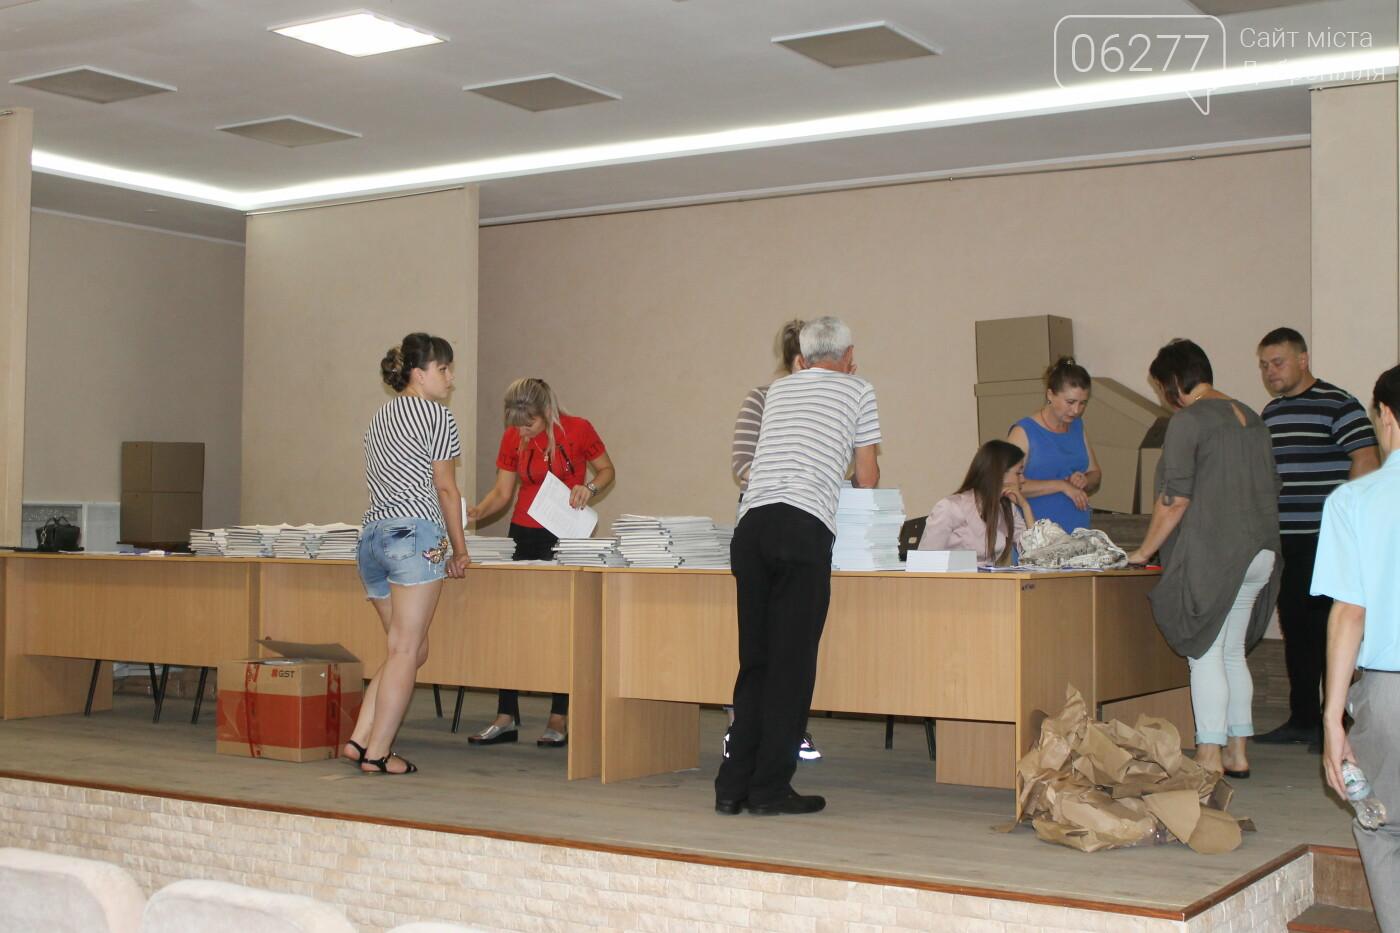 Окружком №50 получил избирательные бюллетени, фото-2